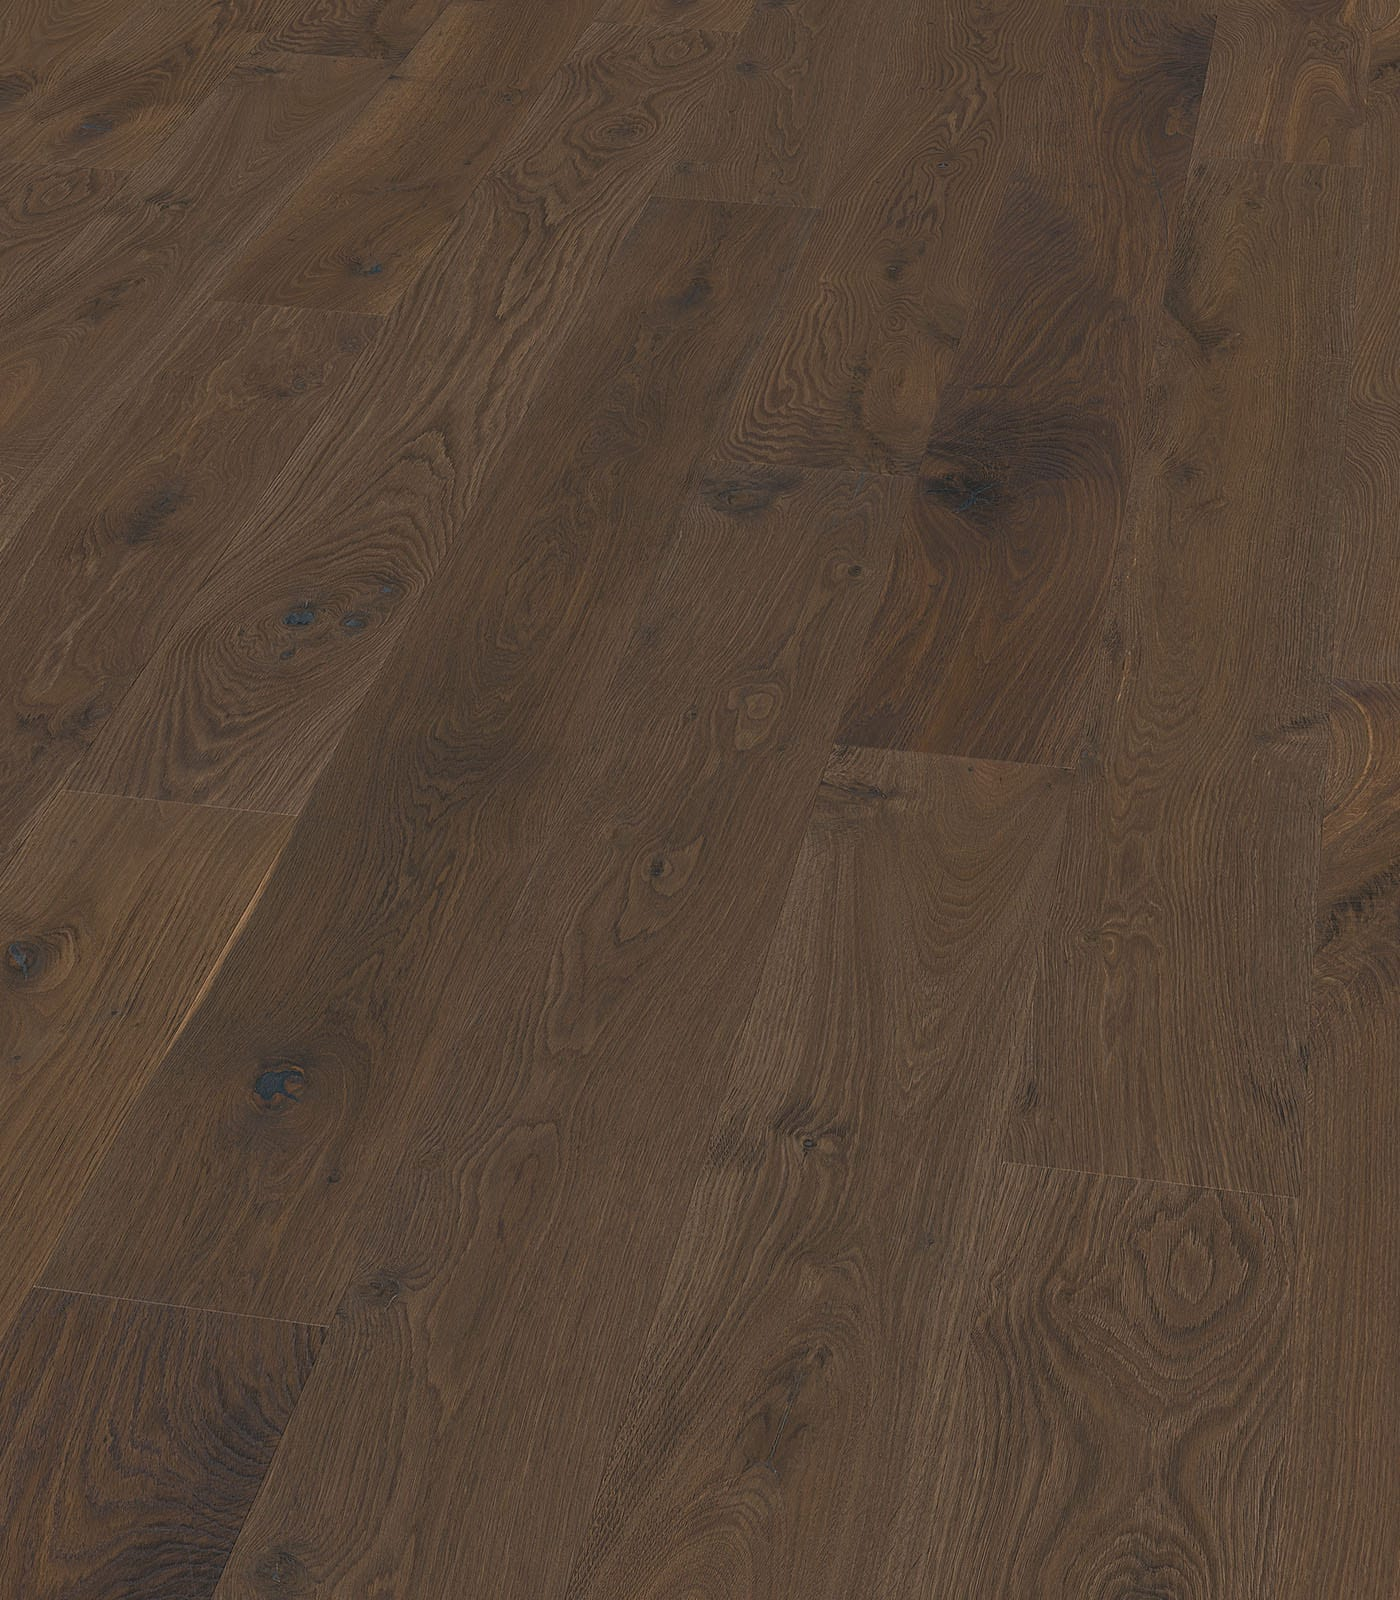 Smoked Oak-European Oak floors-Origins Collection-angle